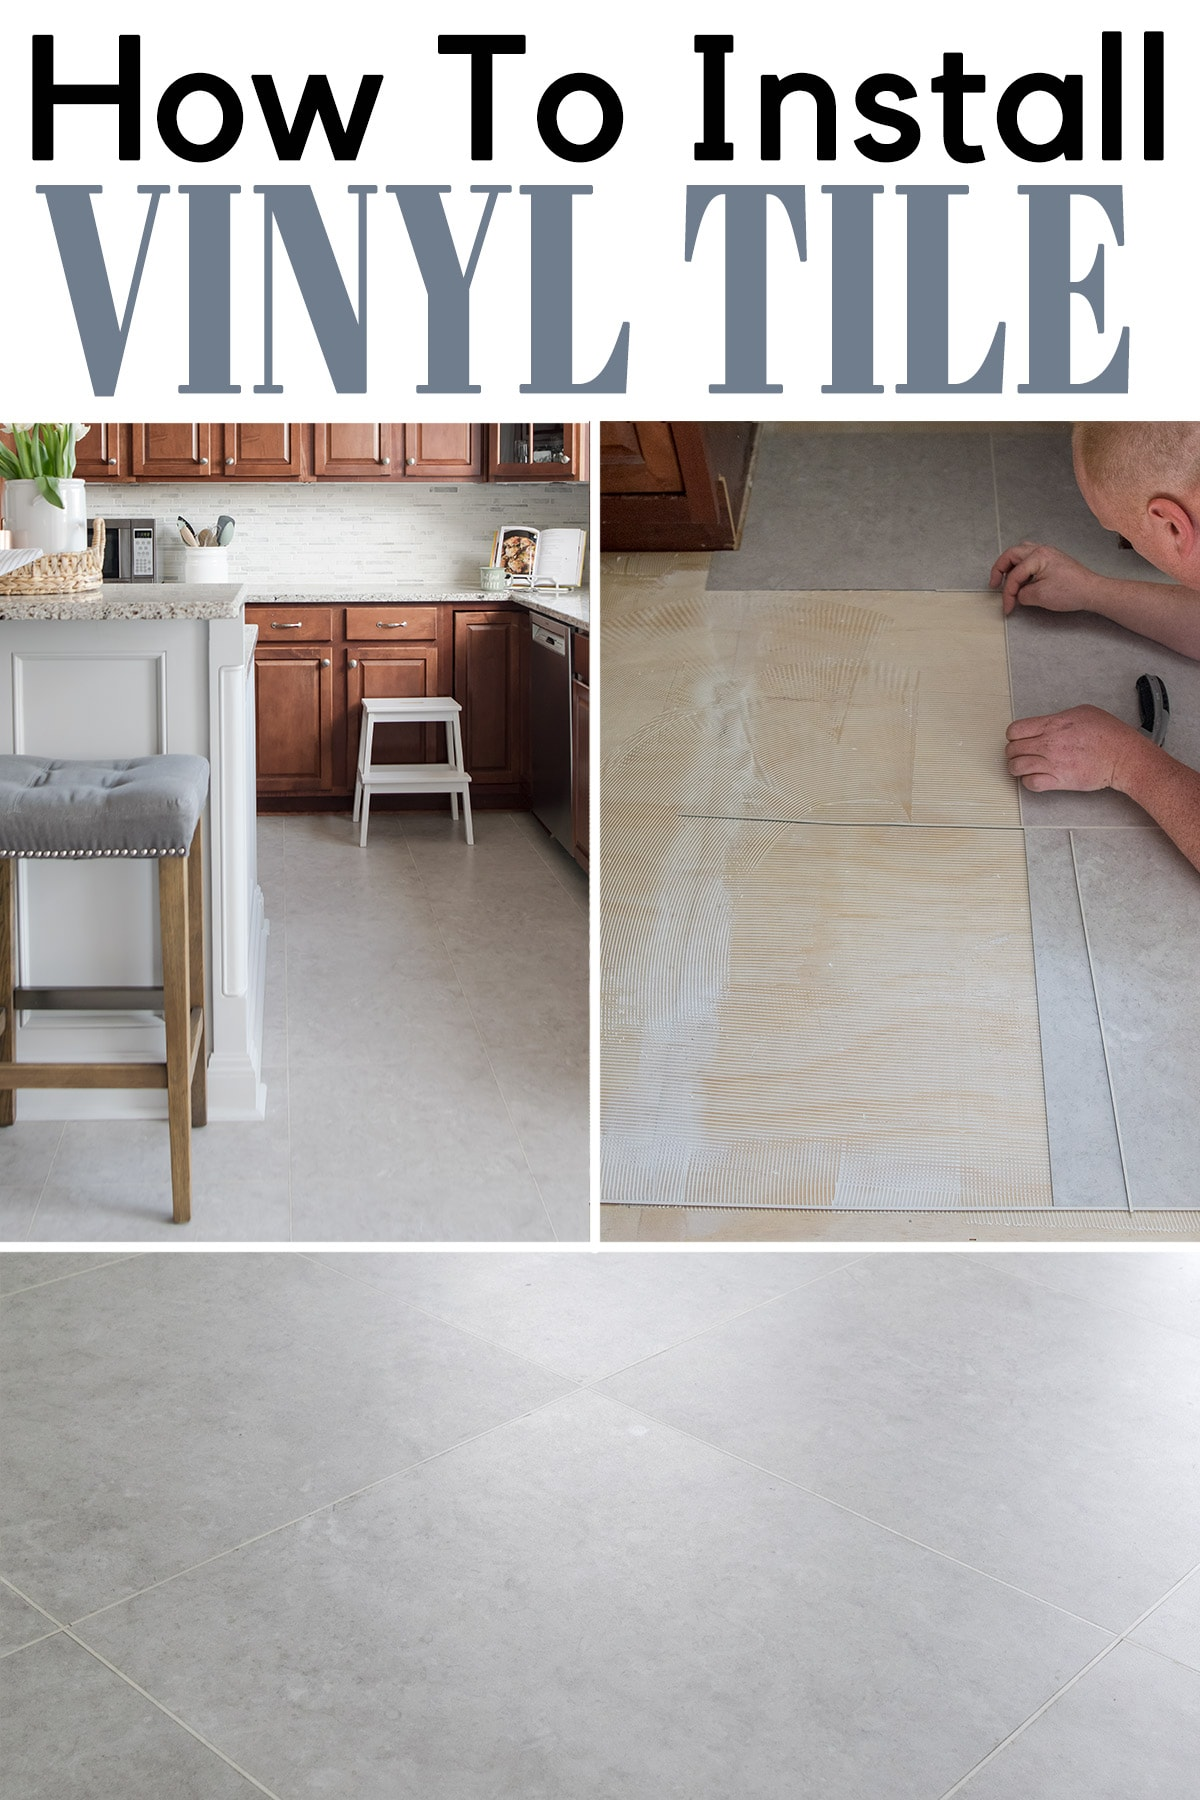 Luxury Vinyl Tile For Our Kitchen Floors